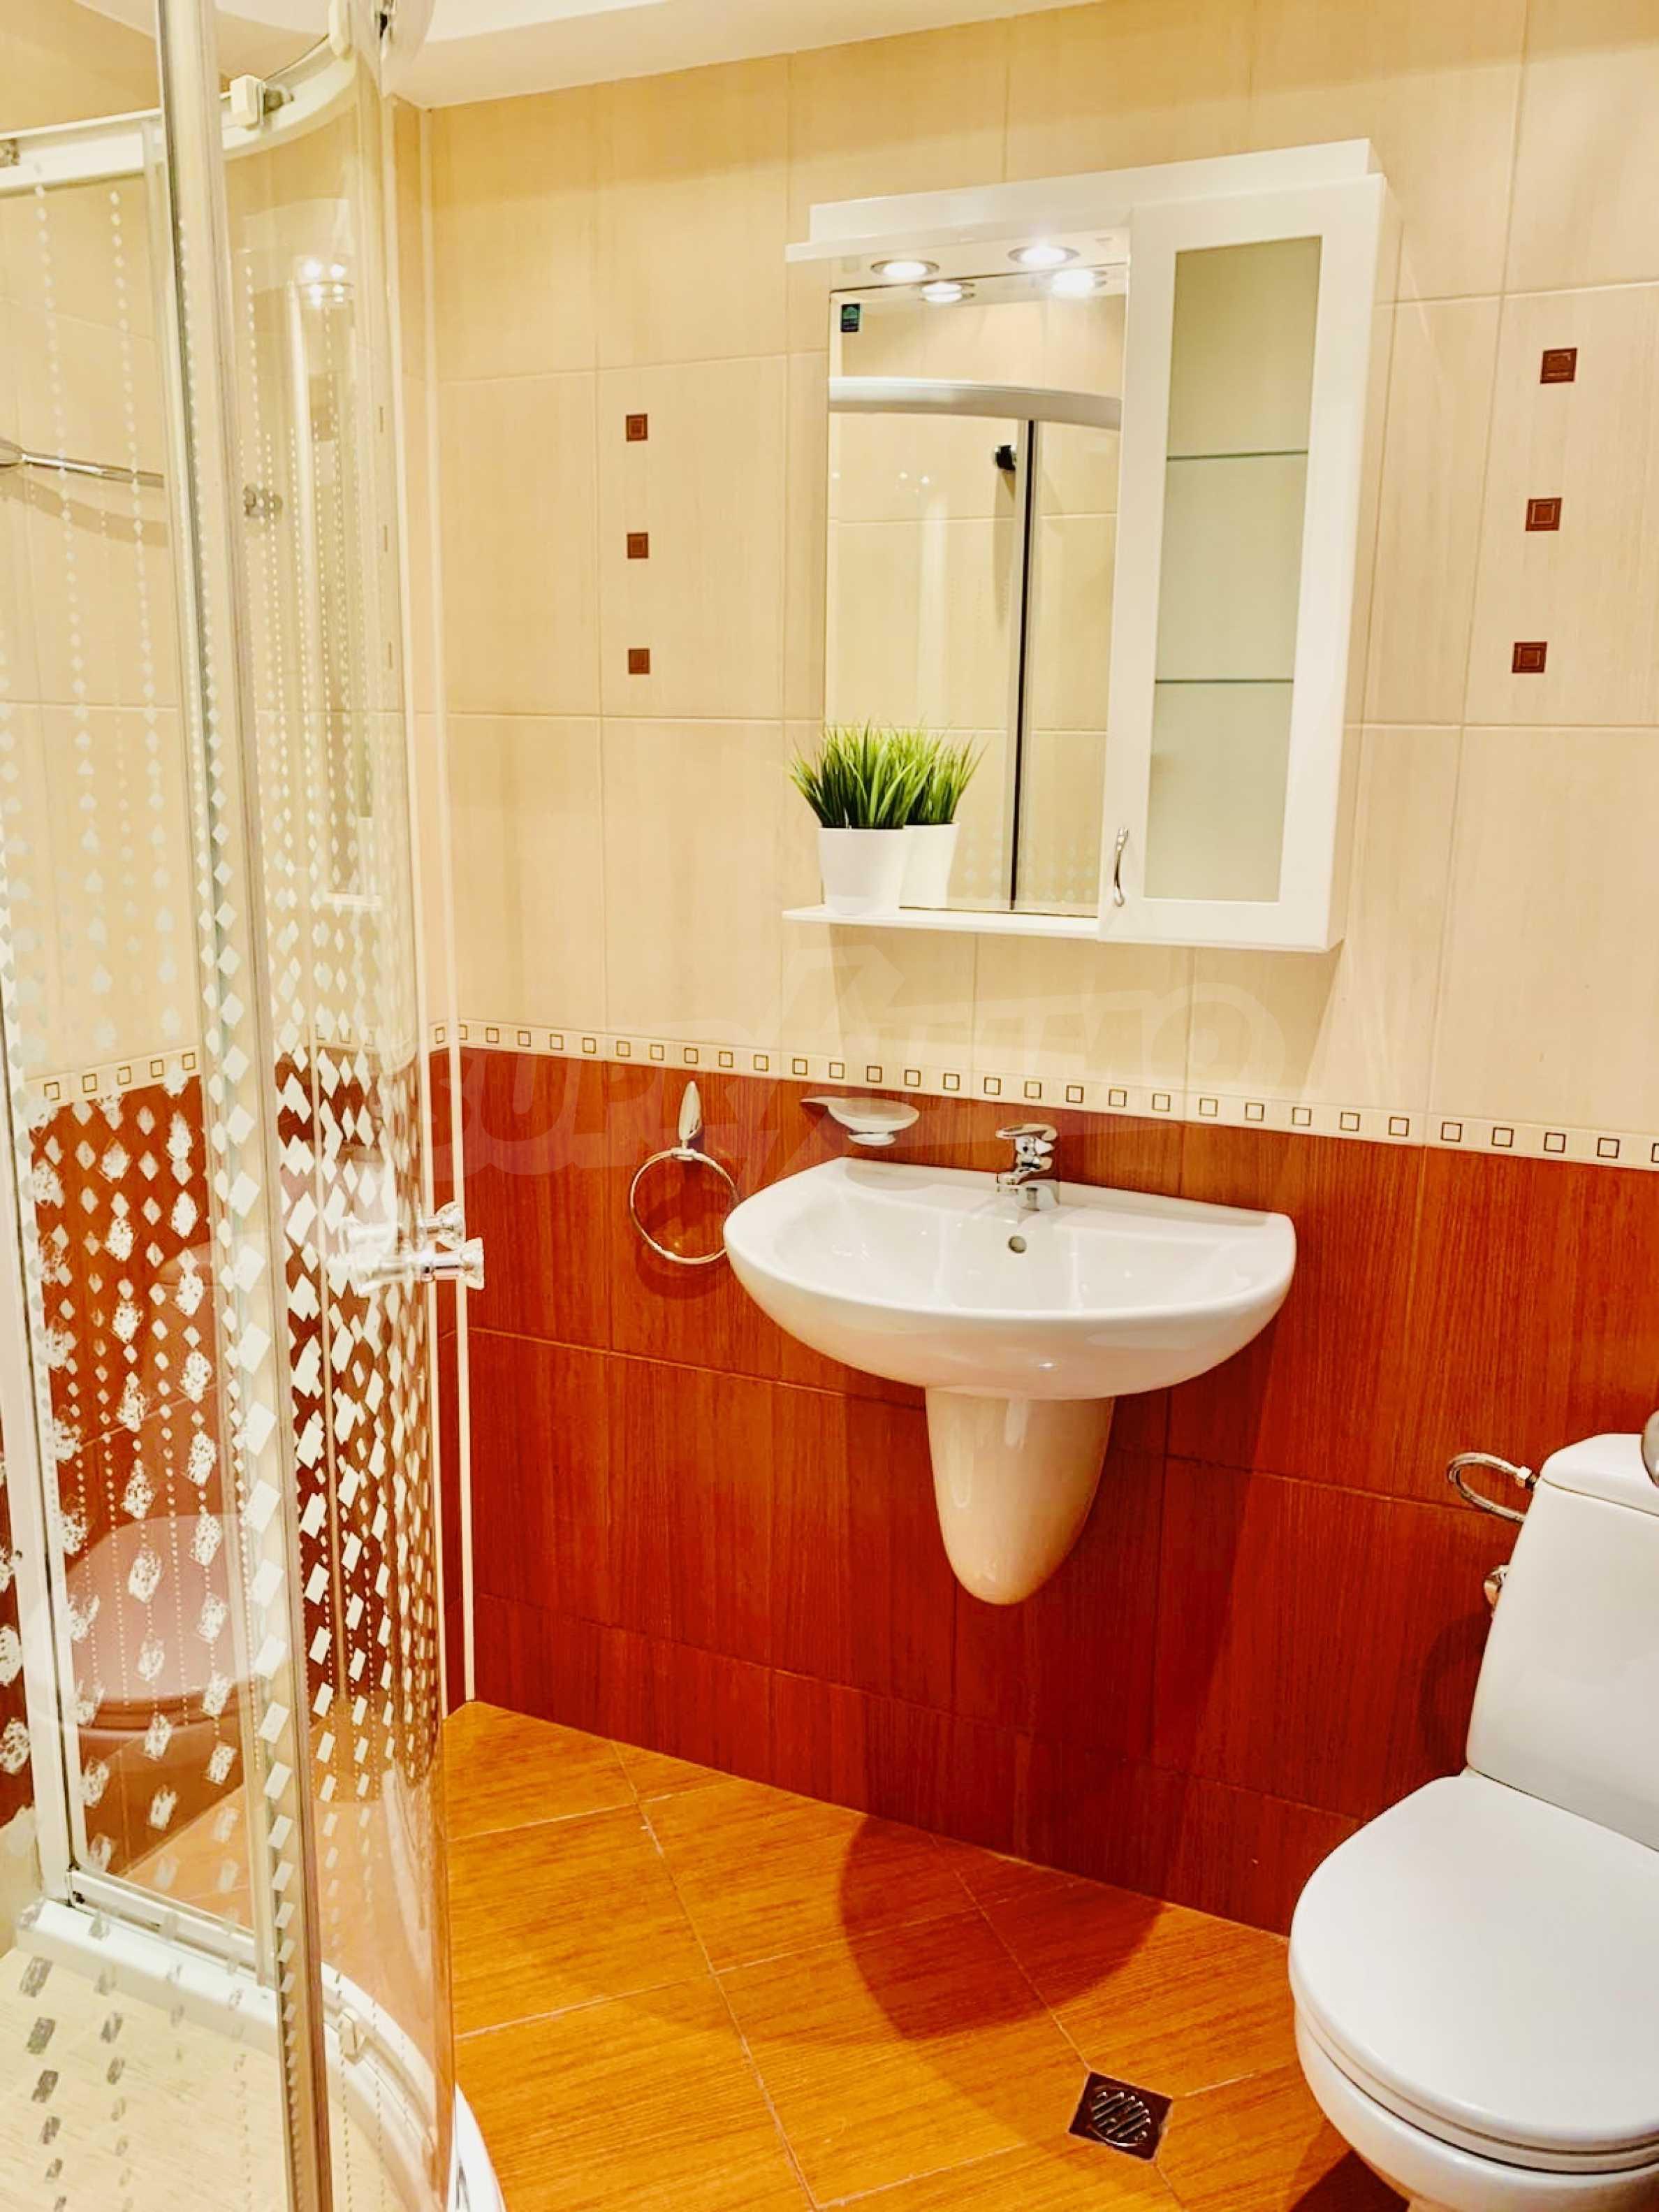 Apartment for rent in Veliko Tarnovo  9